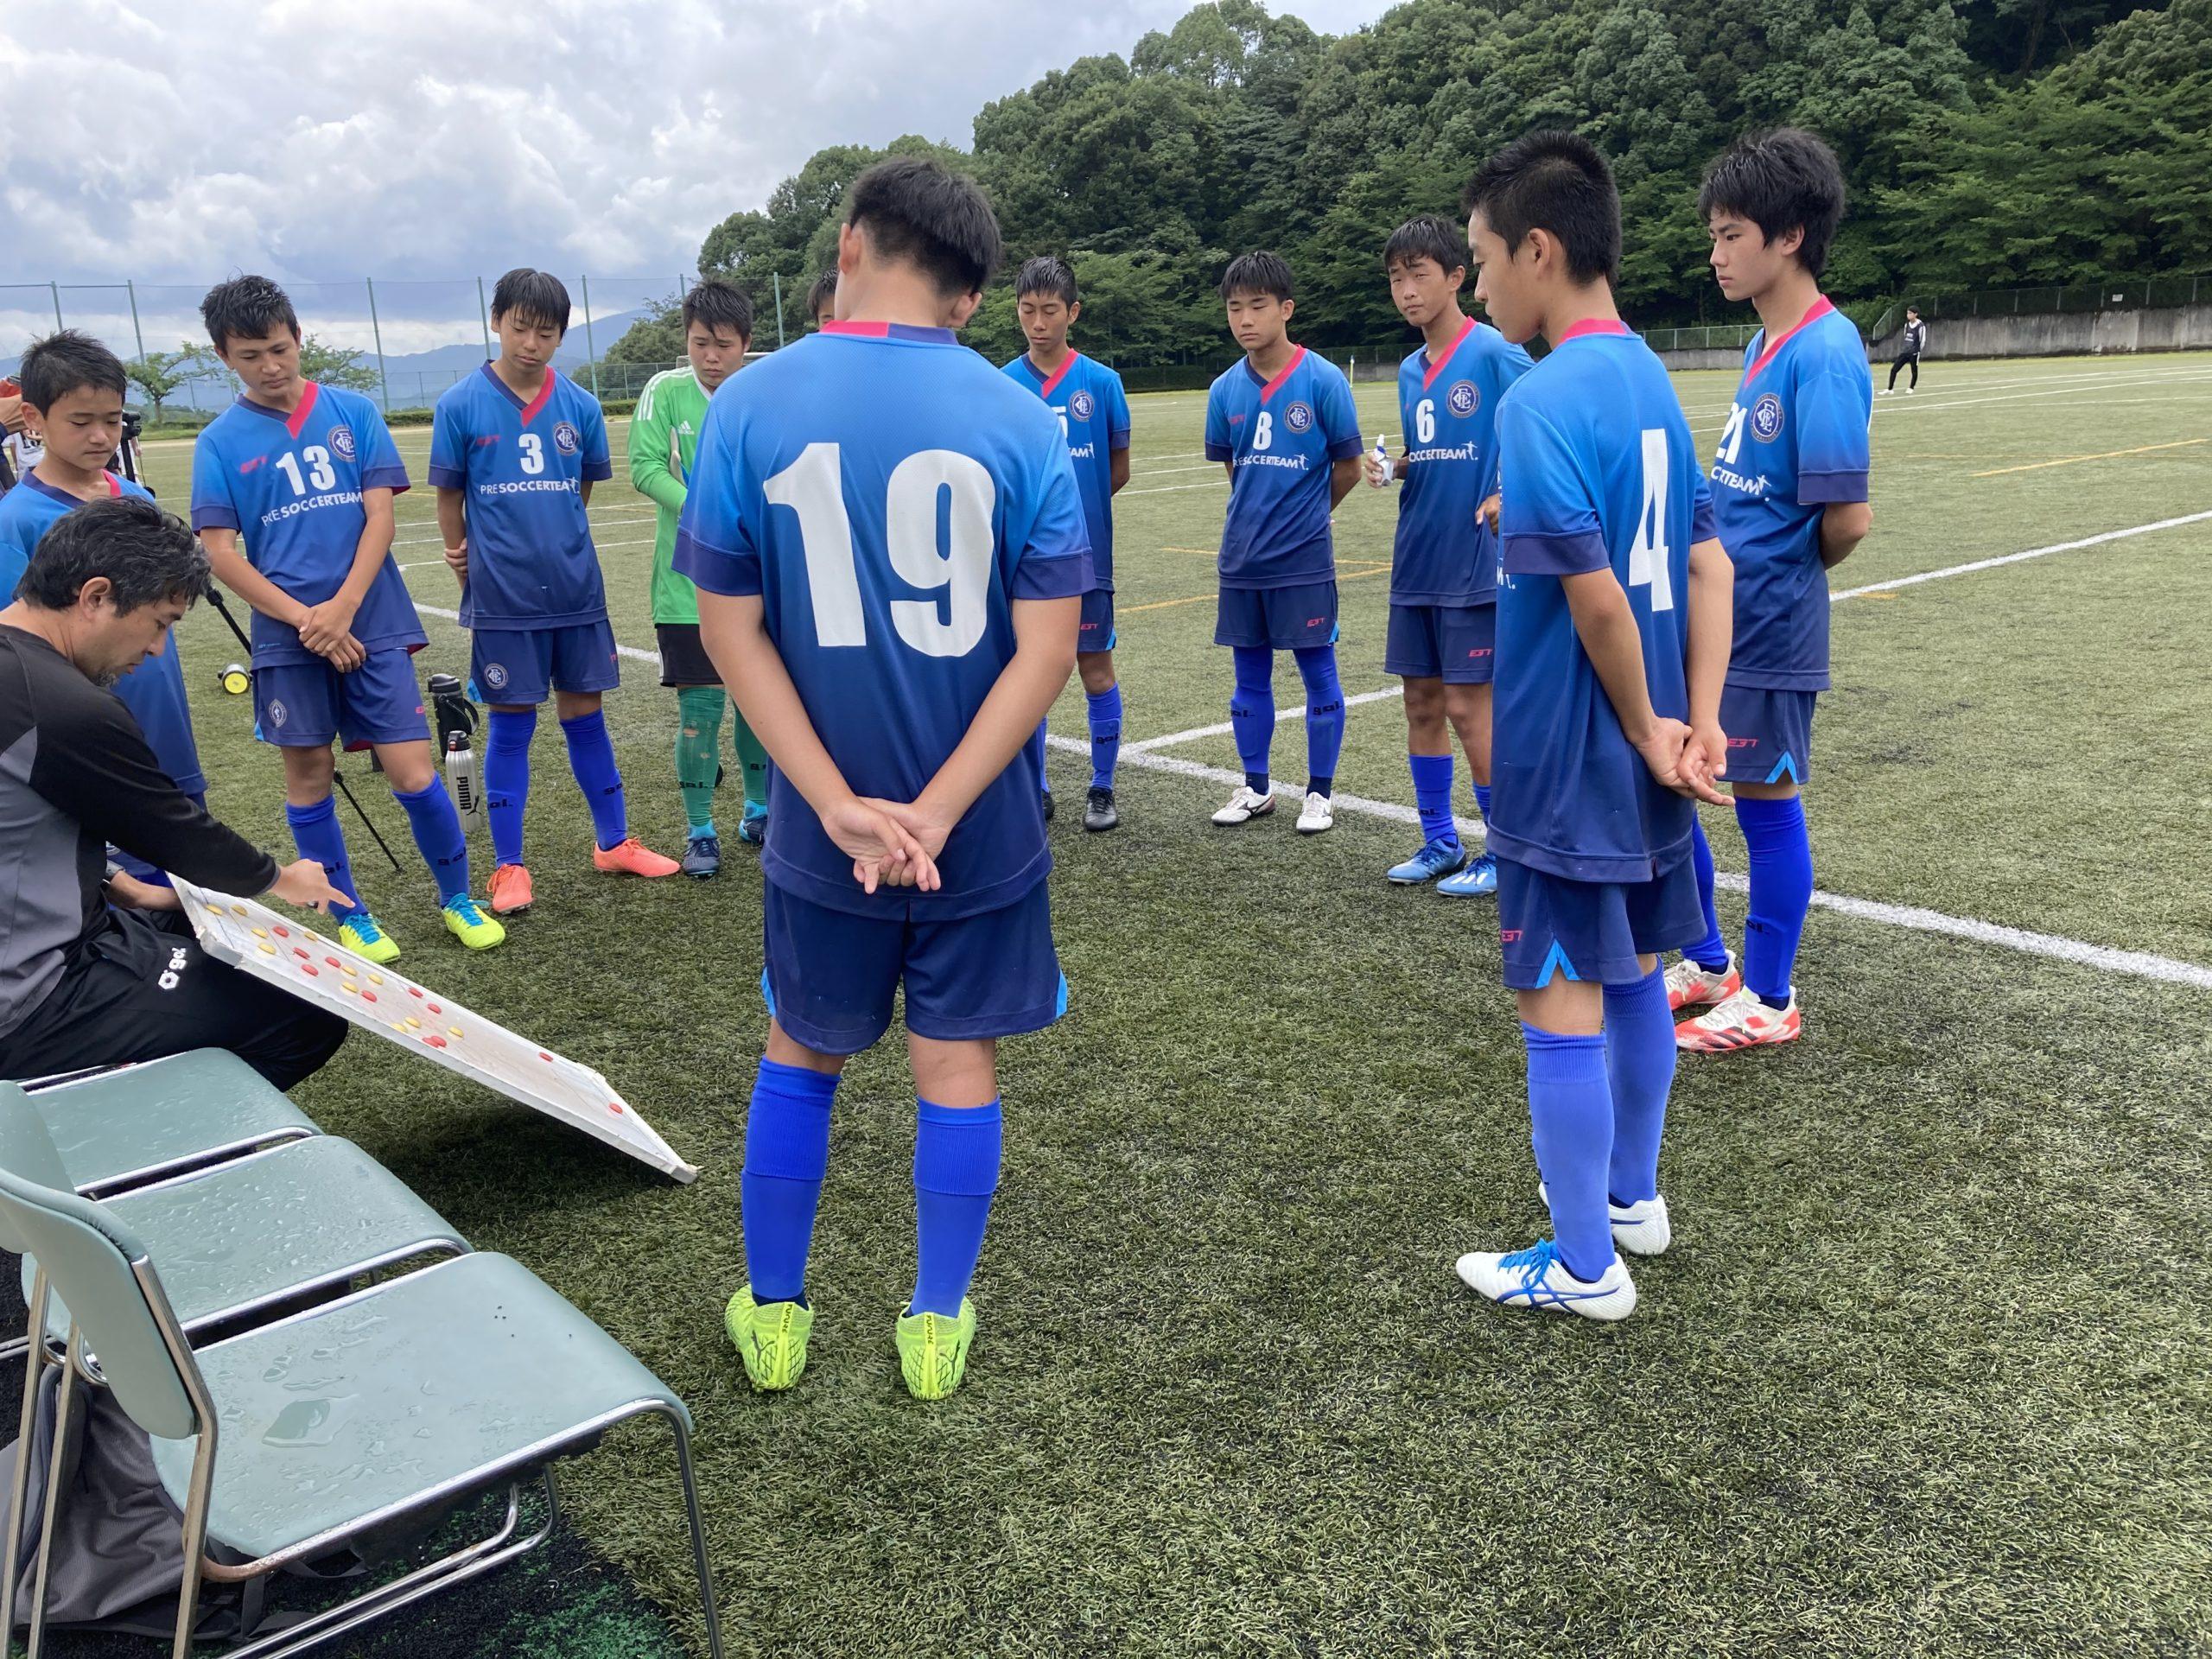 (更新)今週の試合予定【8月1日(土)〜8月2日(日)】